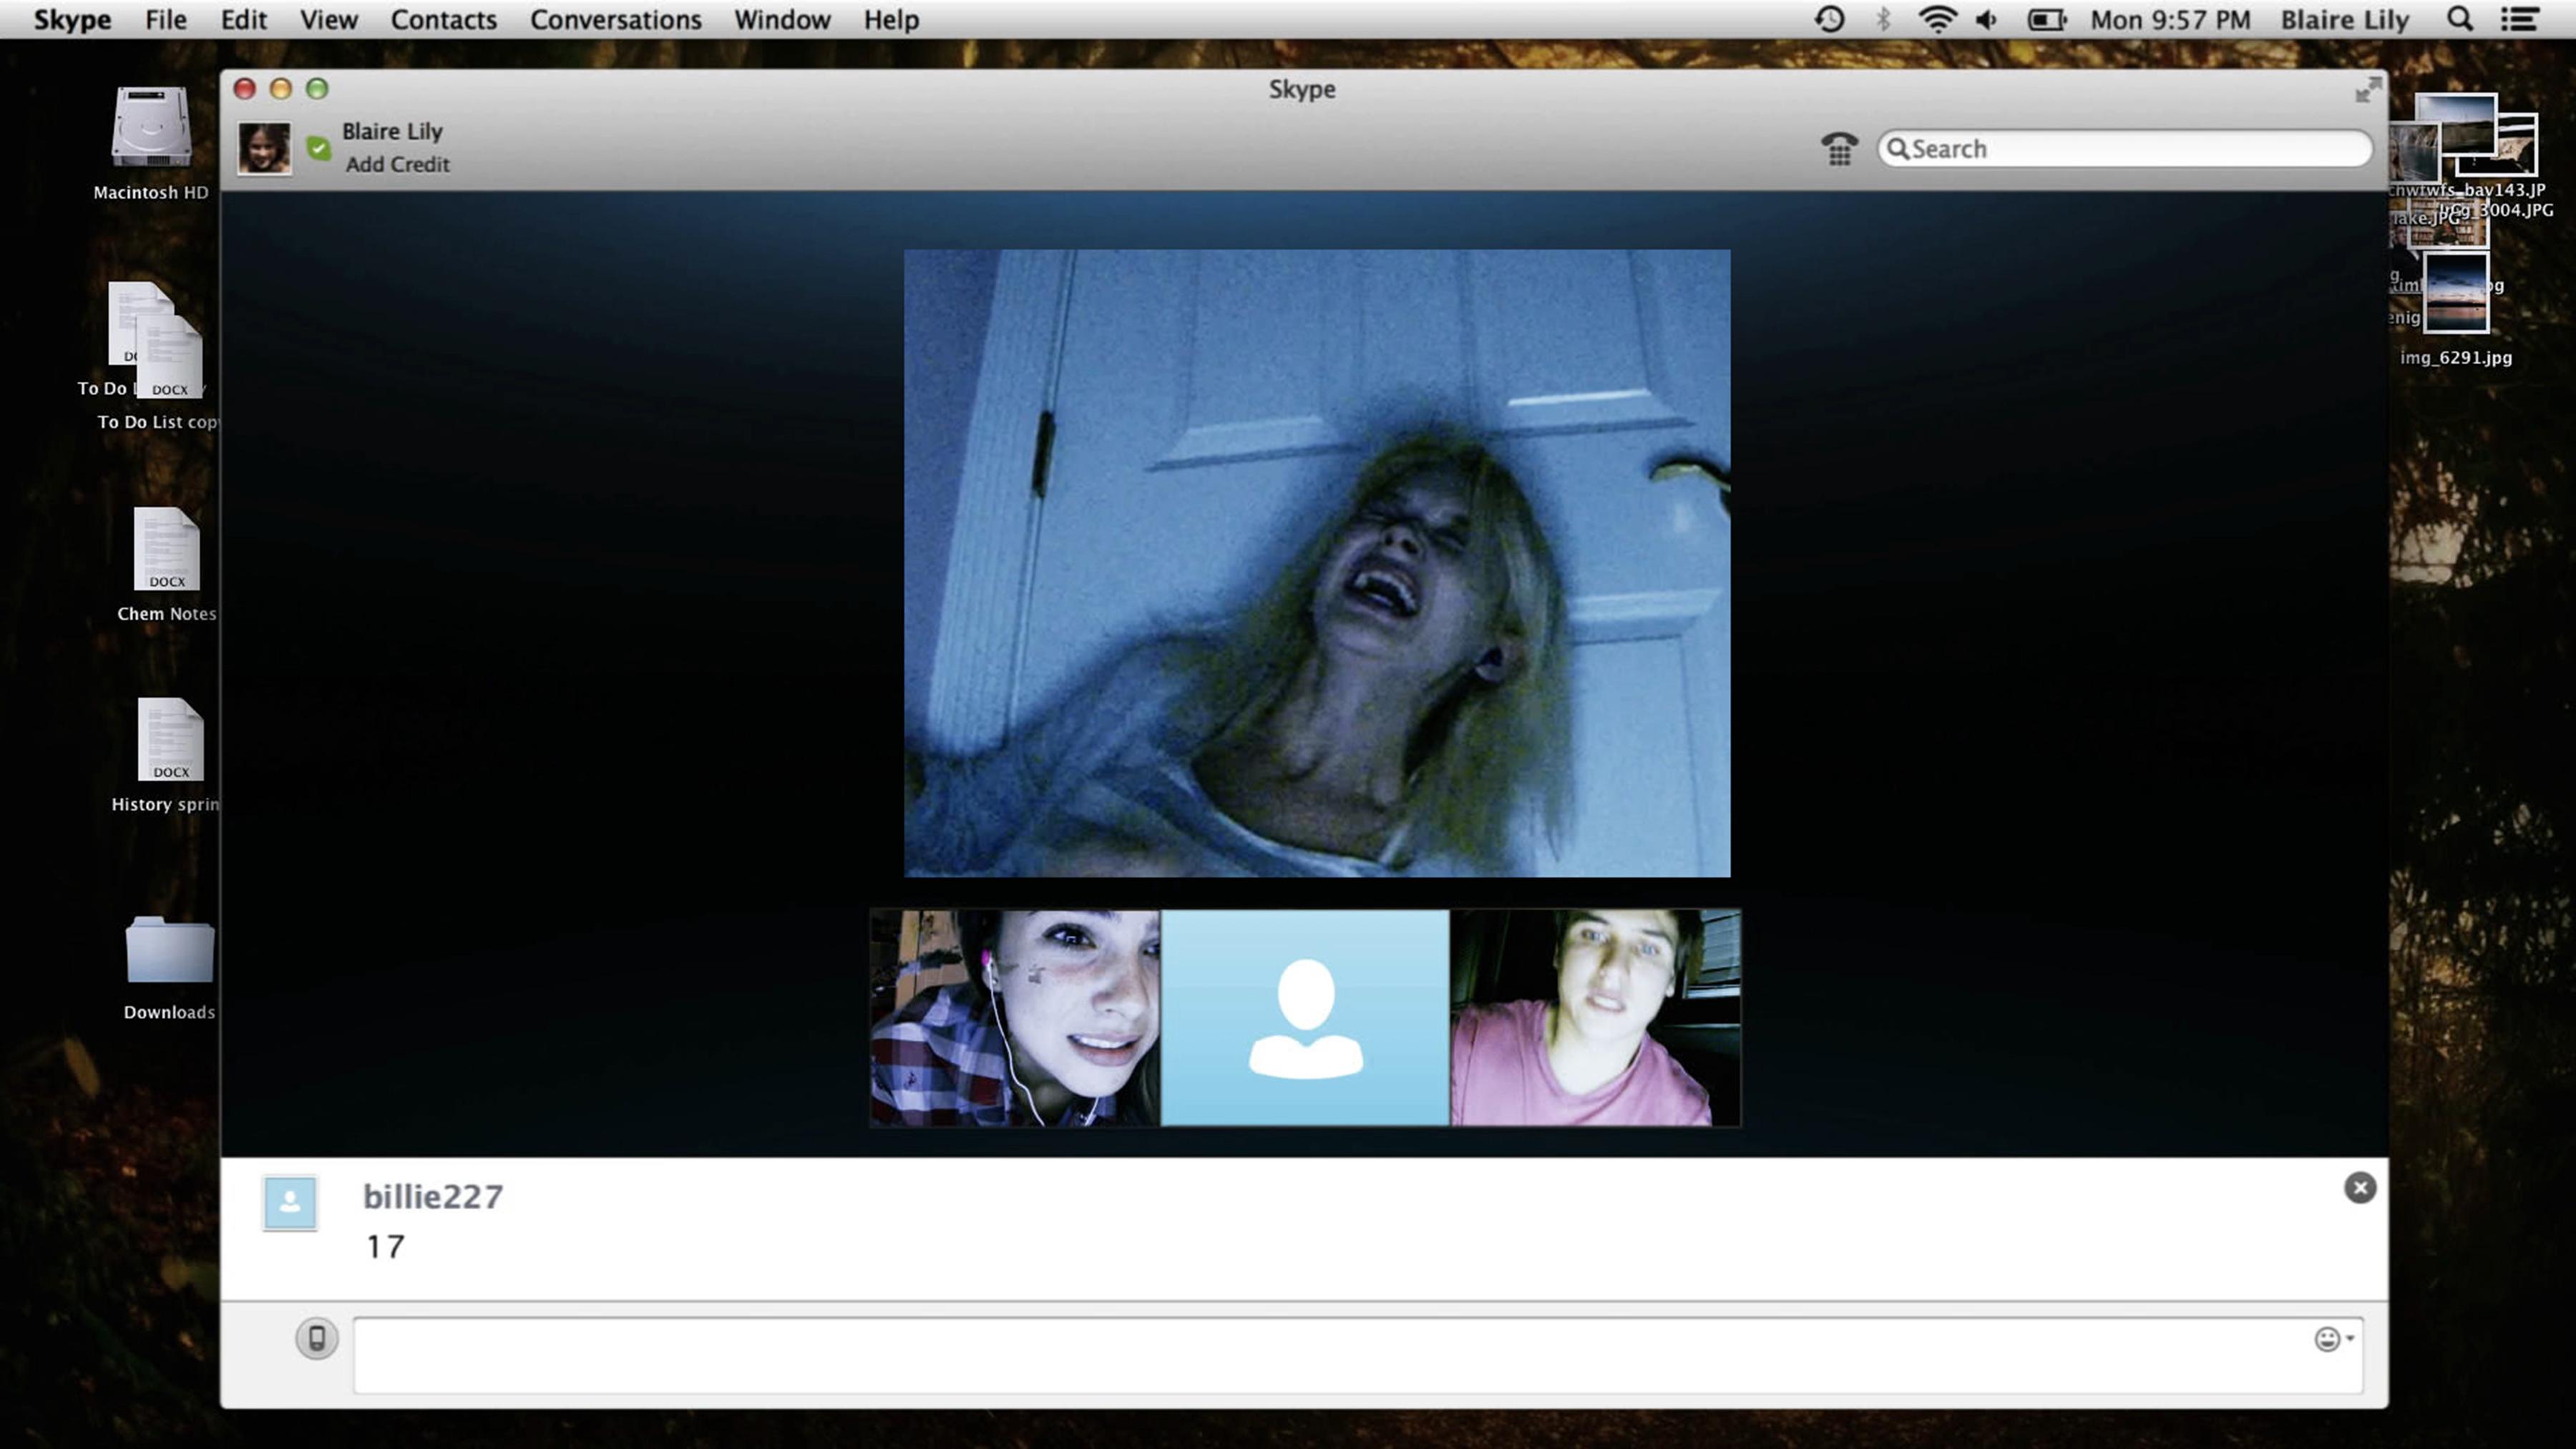 Сайты для разговора с девушками по скайпу 4 фотография